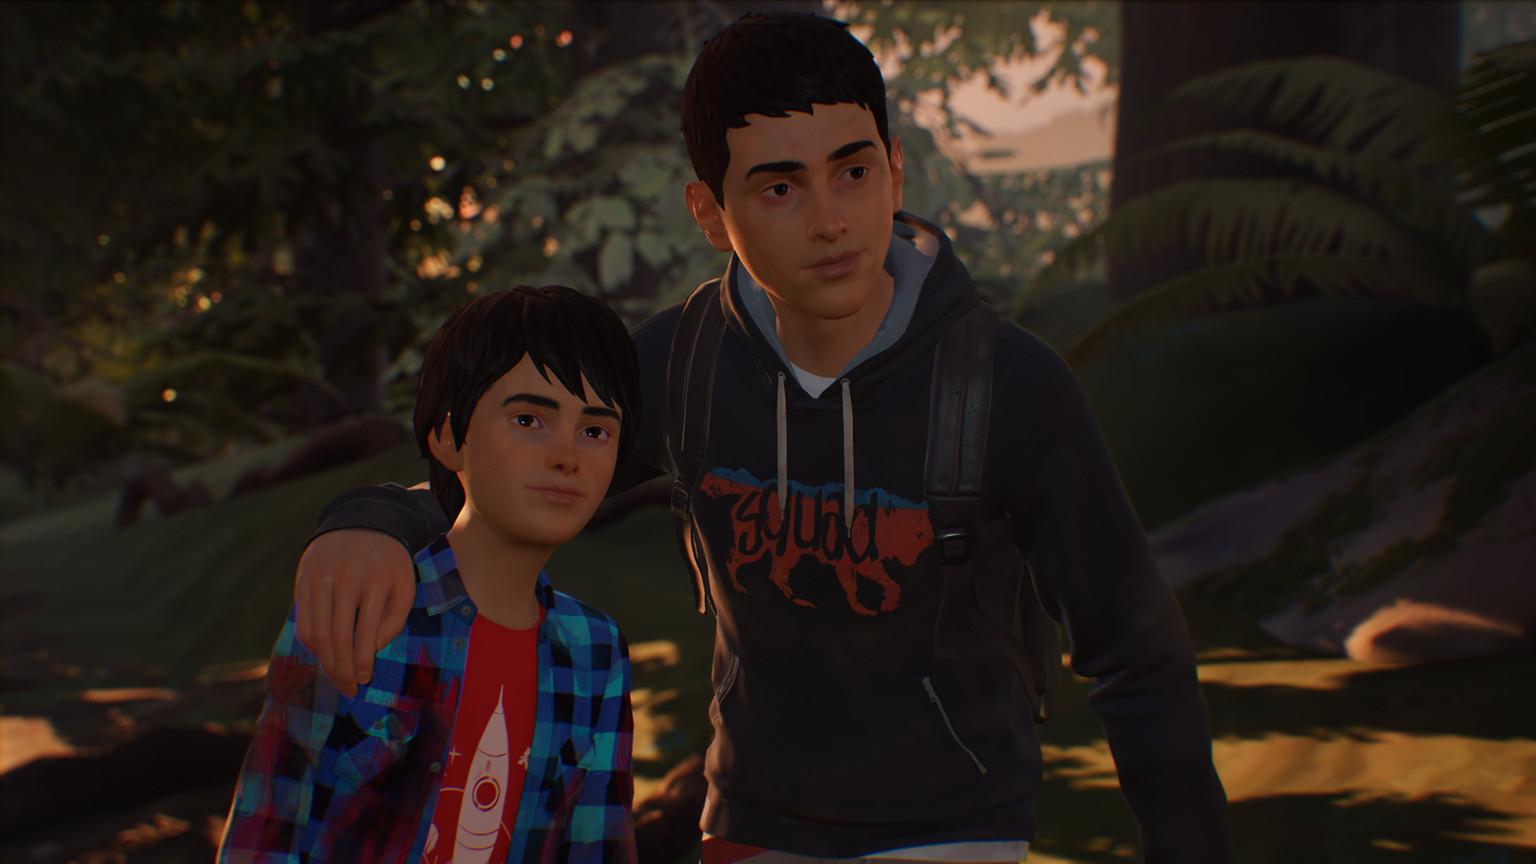 《奇异人生2》整季宣传片公开 两兄弟即将抵达旅途终点